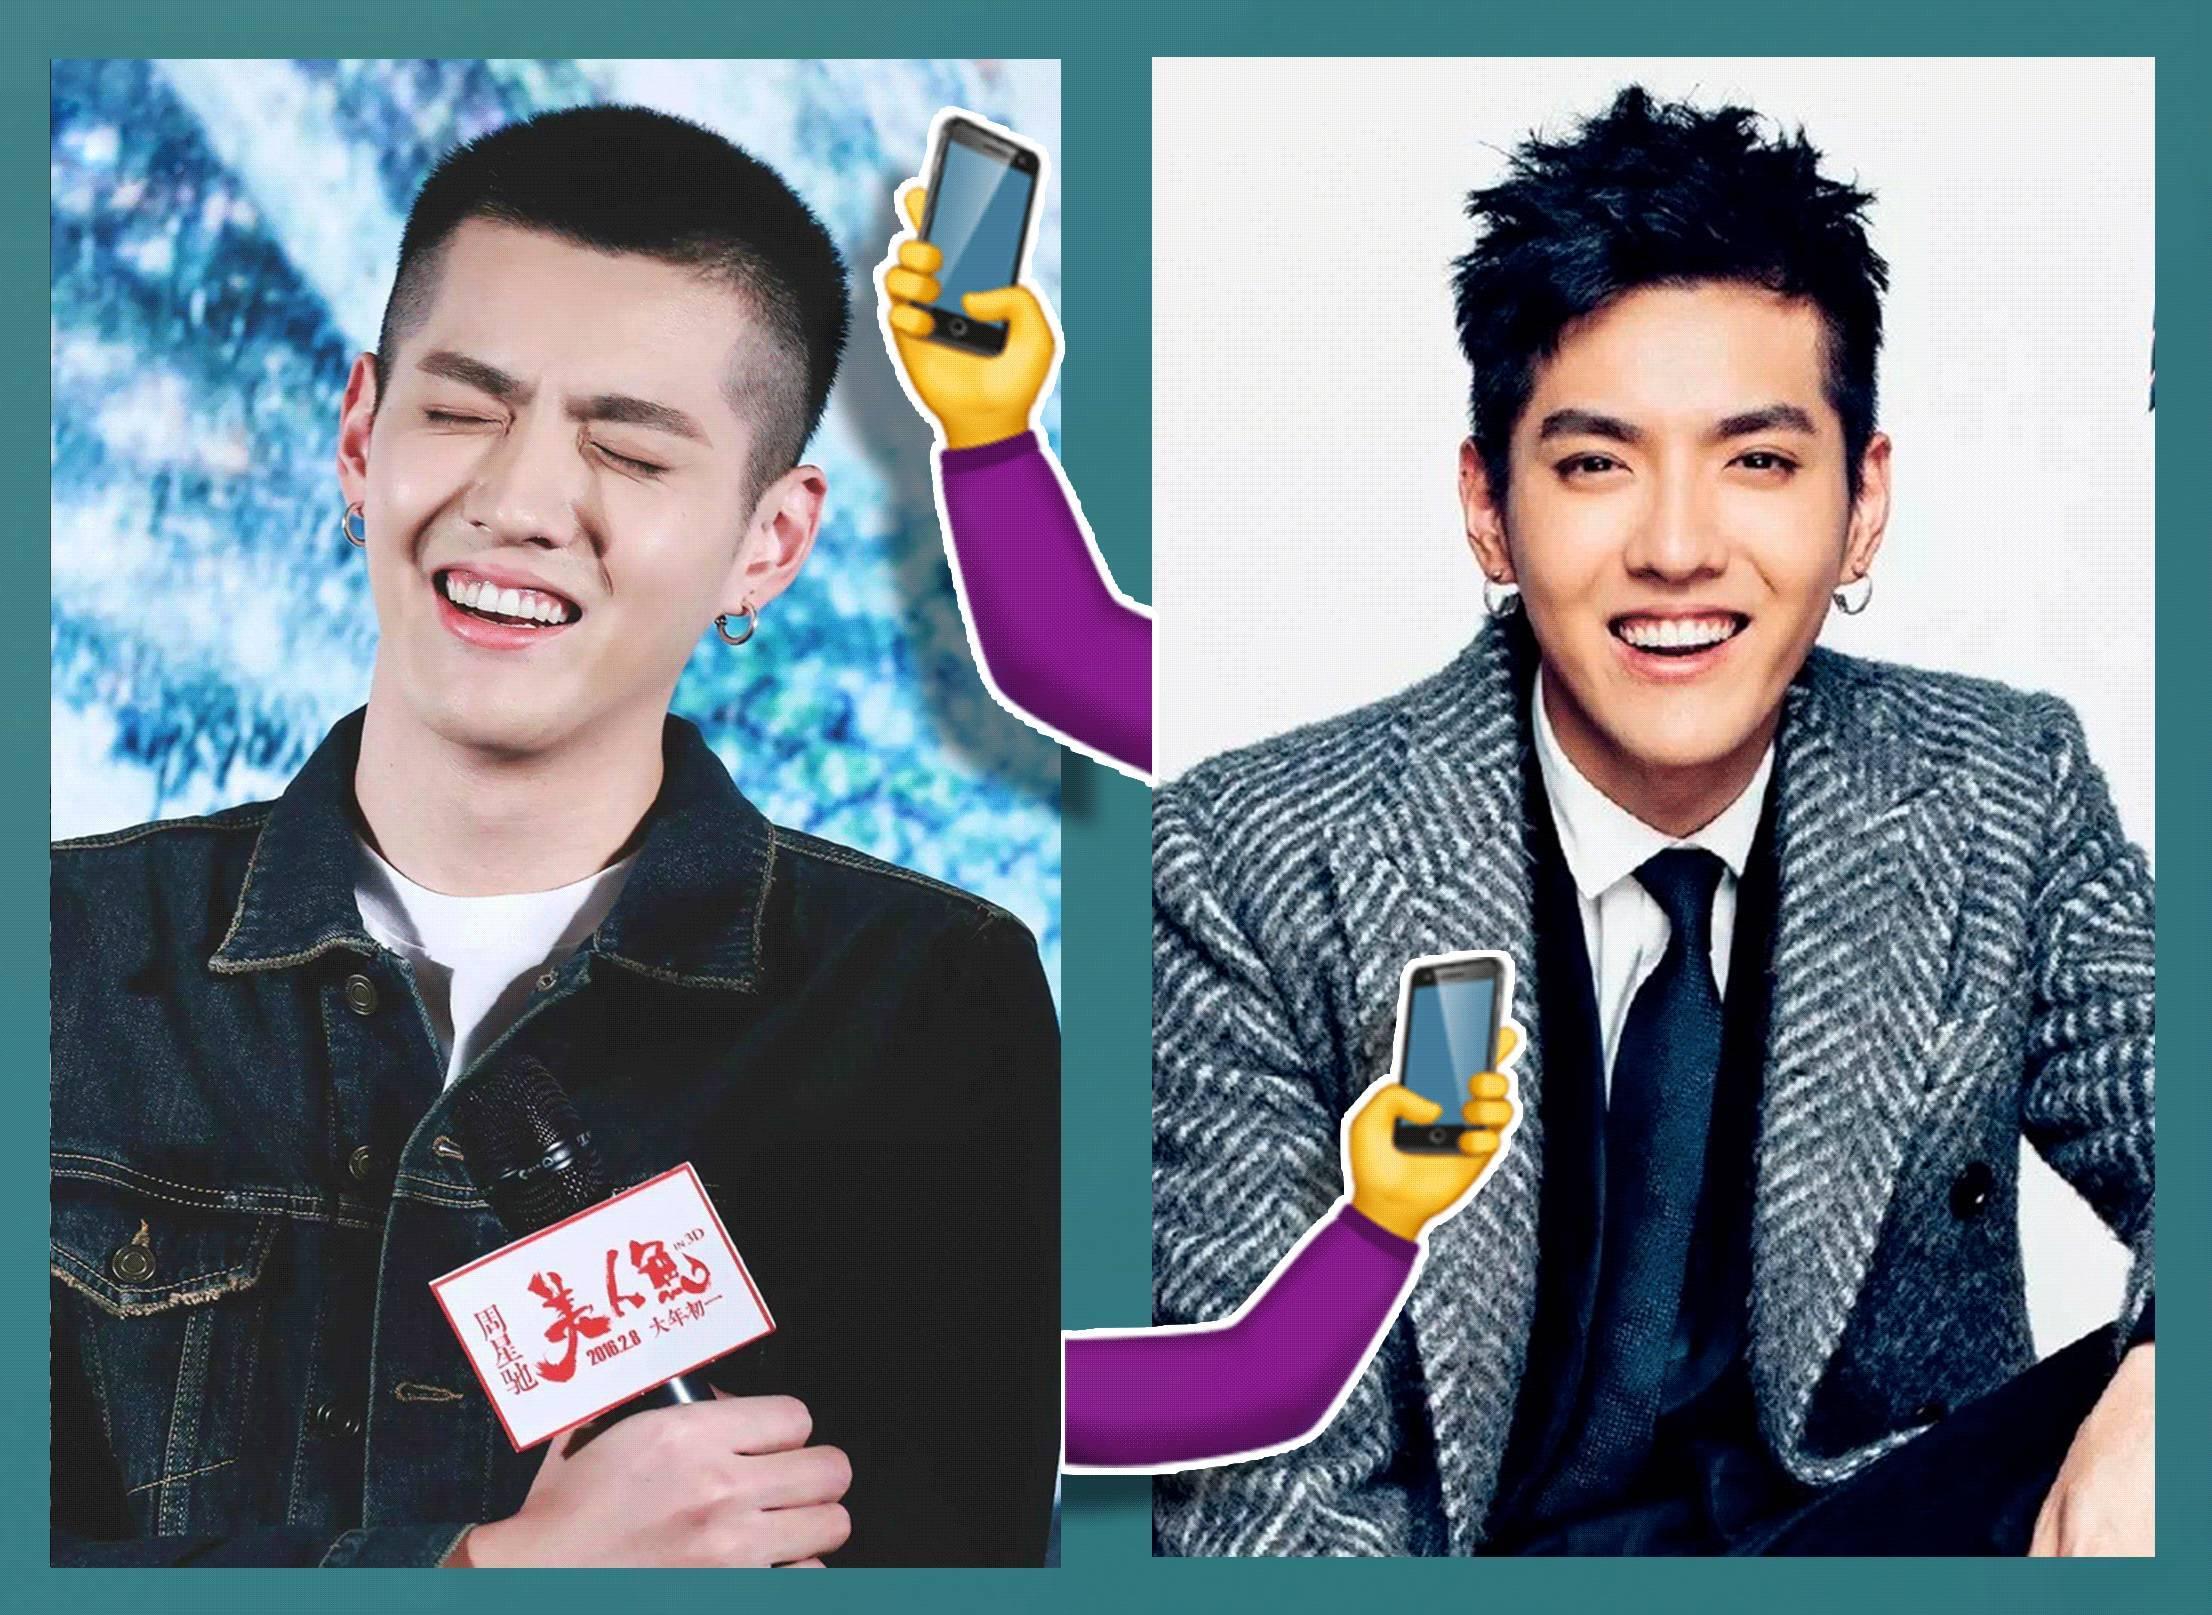 吴亦凡的椭圆形脸可以驾驭多种发型,据说他3年一共换过17种短发.图片